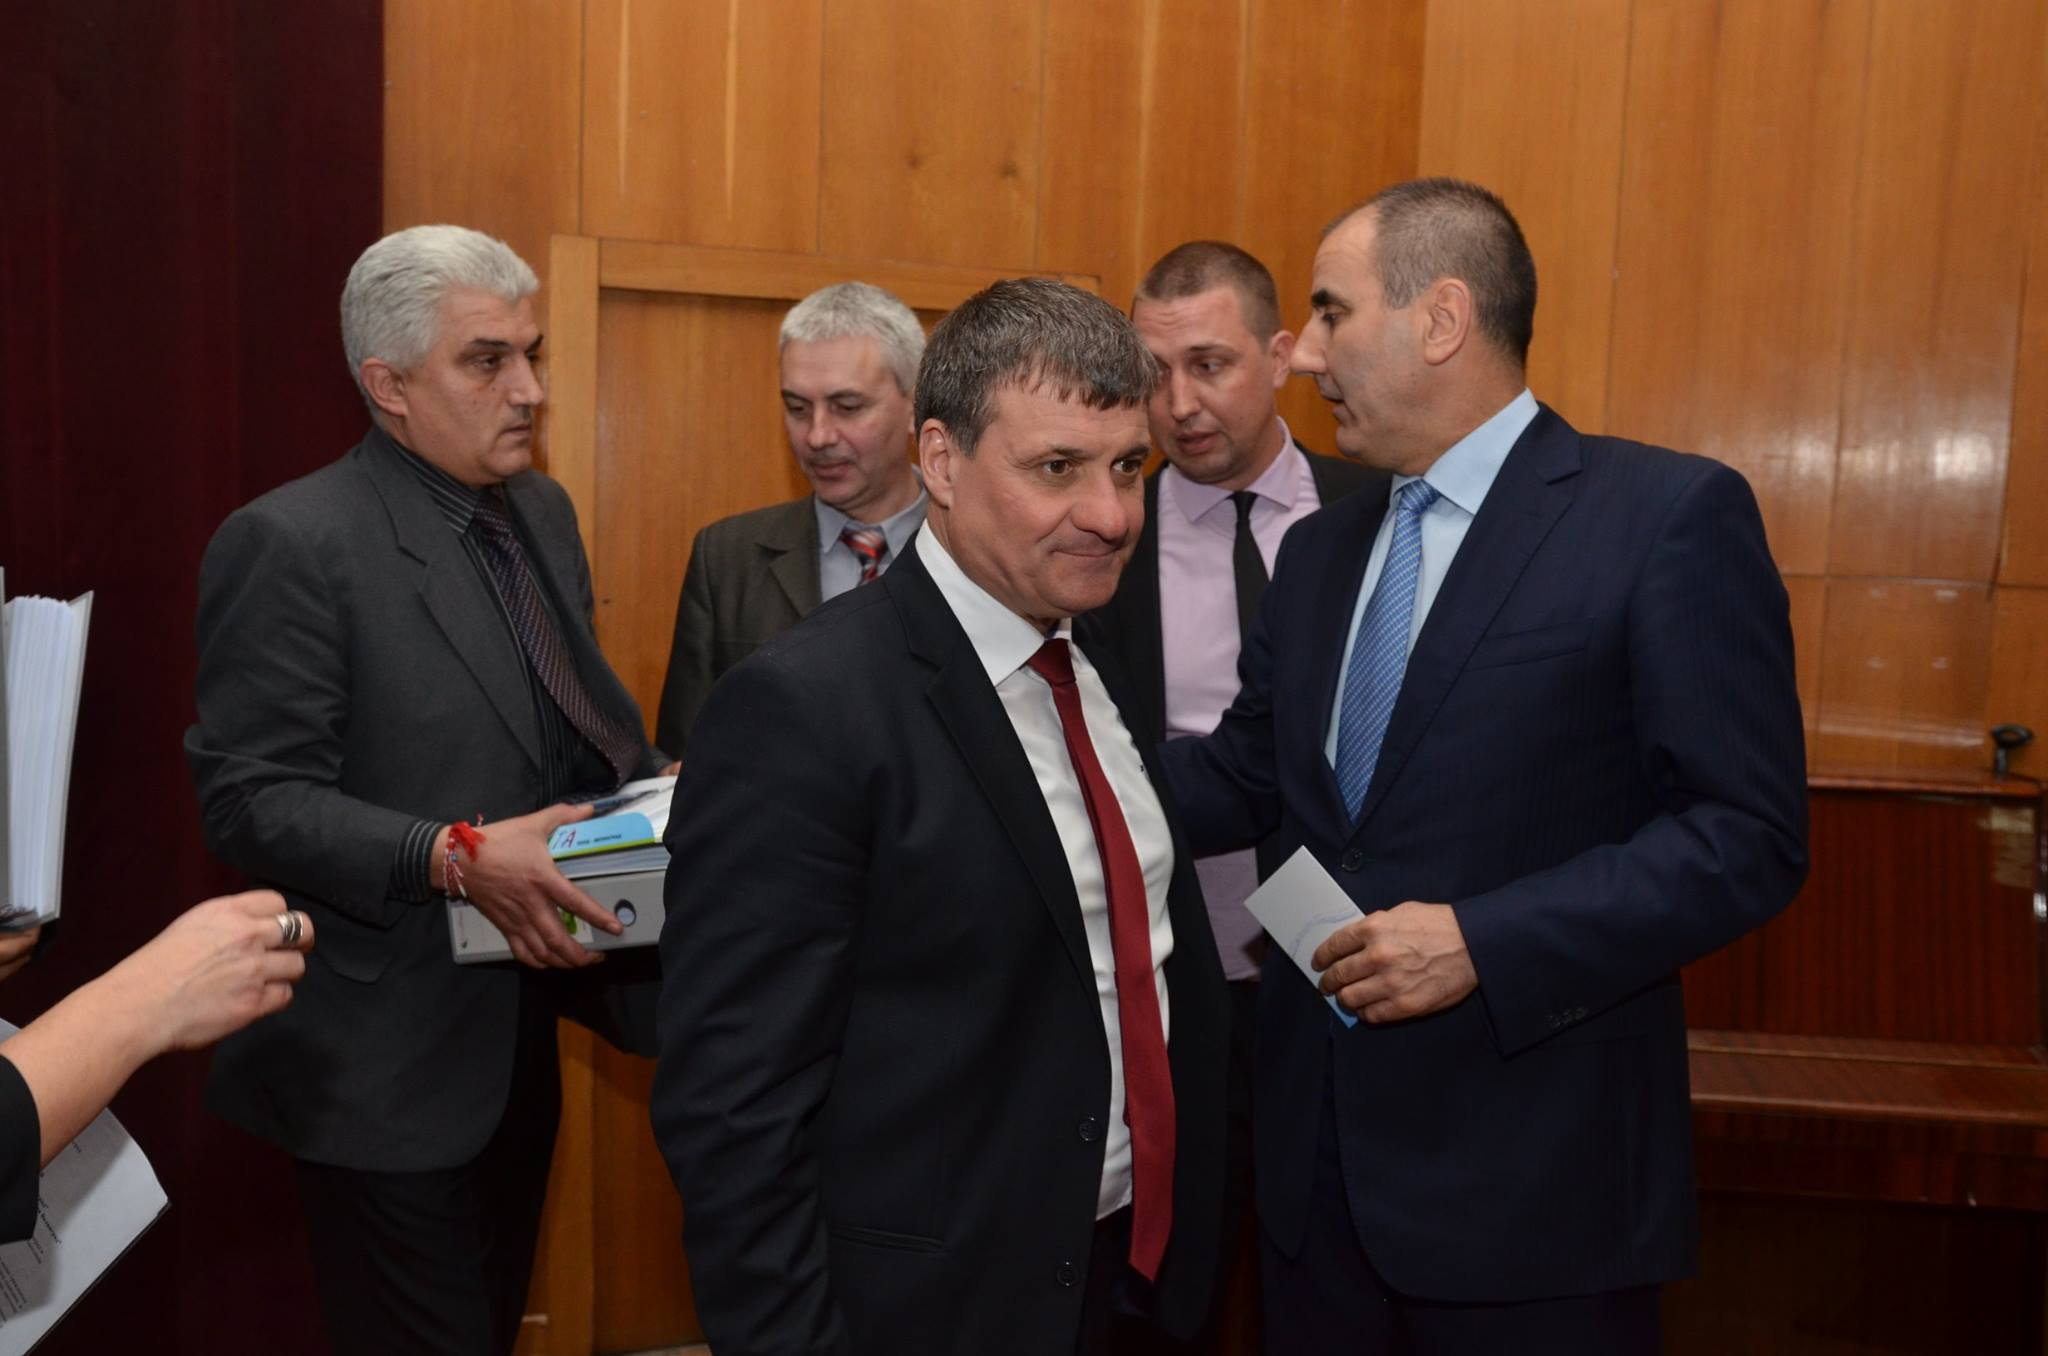 Д-р Костадин Коев, кмет на Община Велинград: Благодаря на правителството и лично на Цветан Цветанов за безрезервната подкрепа, която оказват на Общината